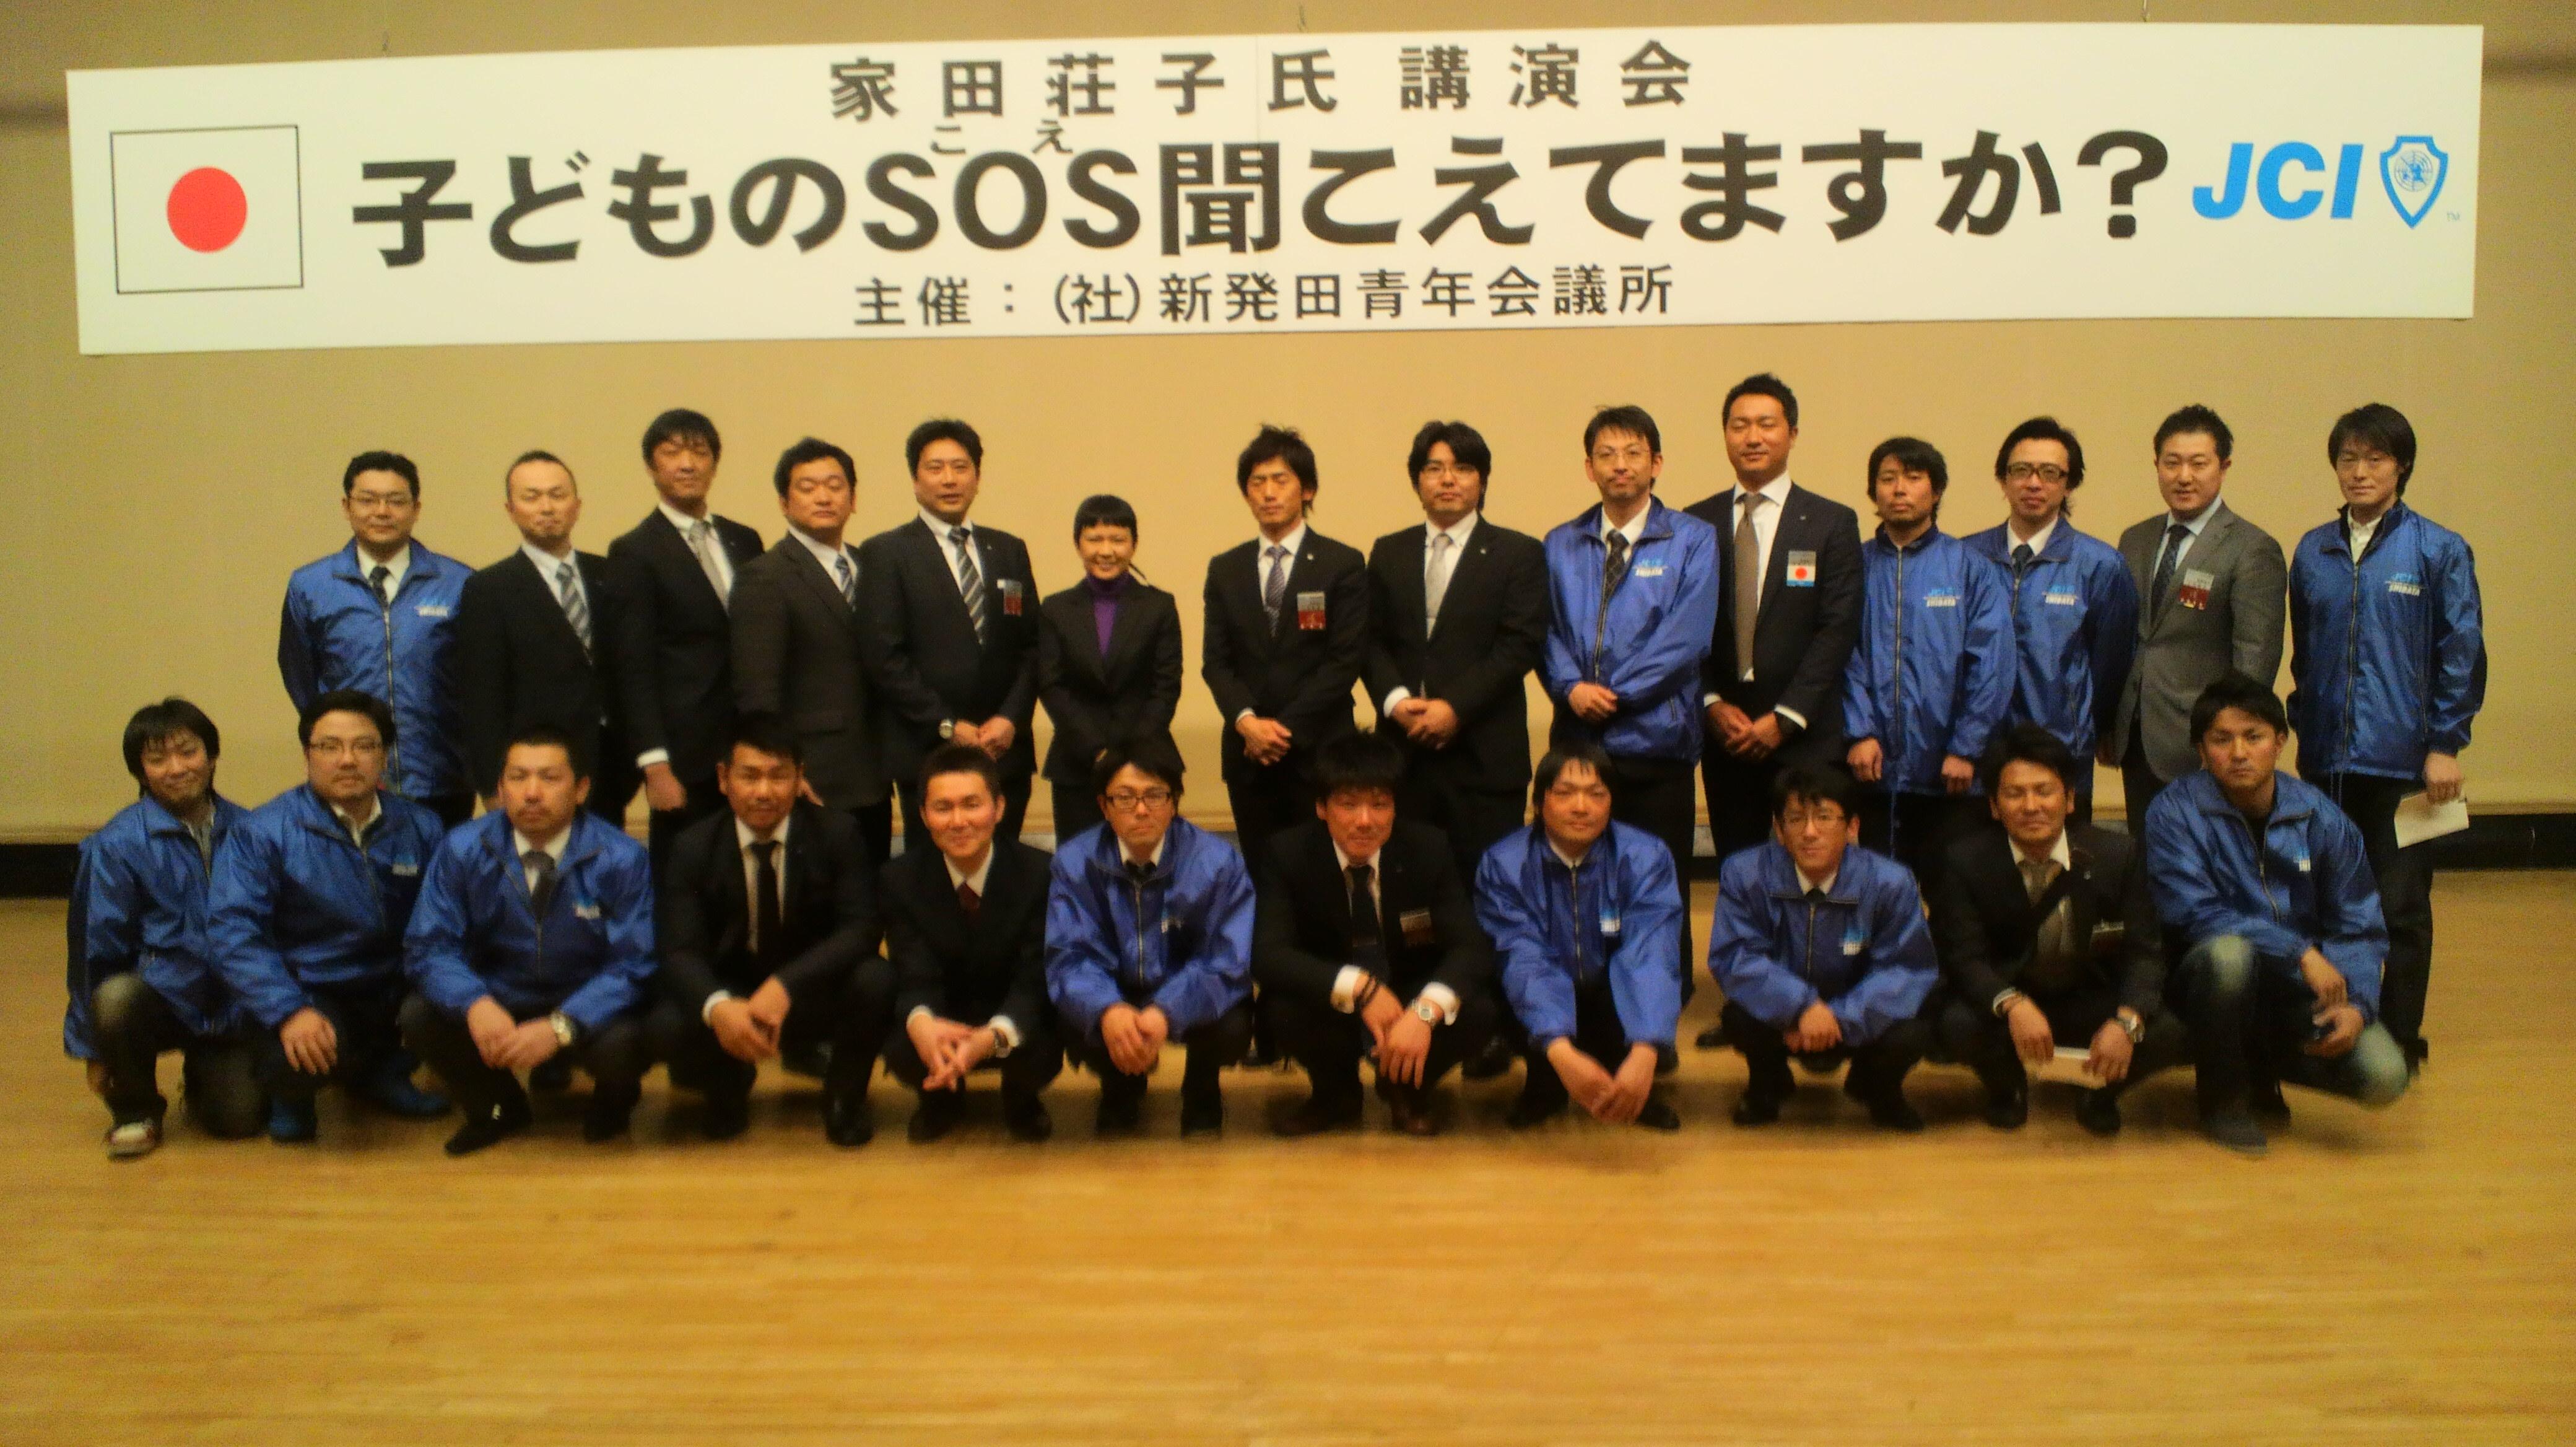 新発田青年会議所(新潟県)_d0339676_11274700.jpg